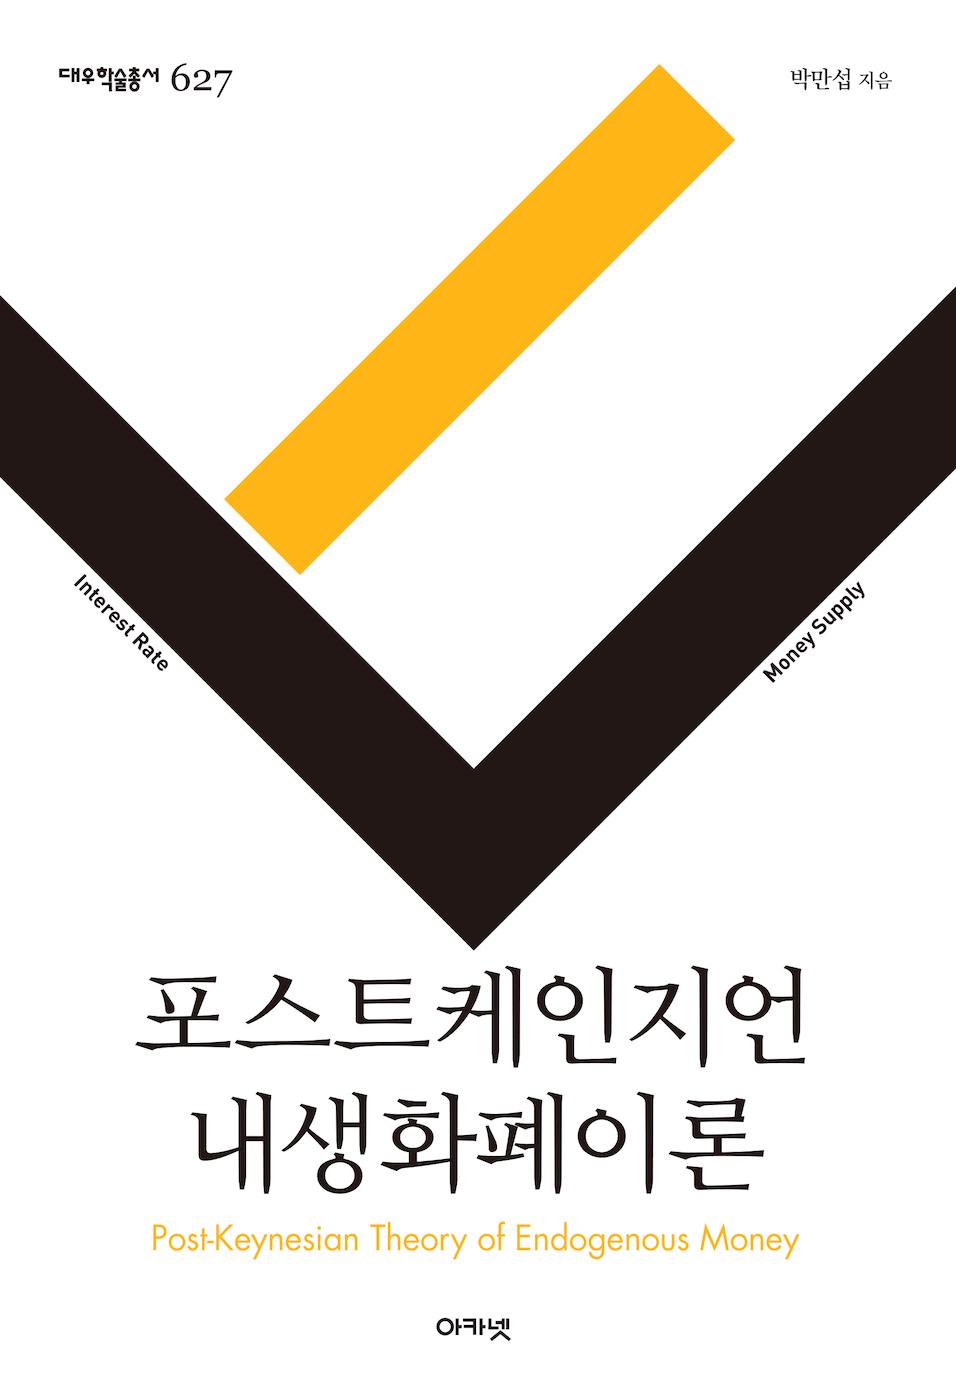 대우재단 대우학술총서 제627권 포스트케인지언 내생화폐이론 written by 박만섭 and published by 아카넷 in 2020